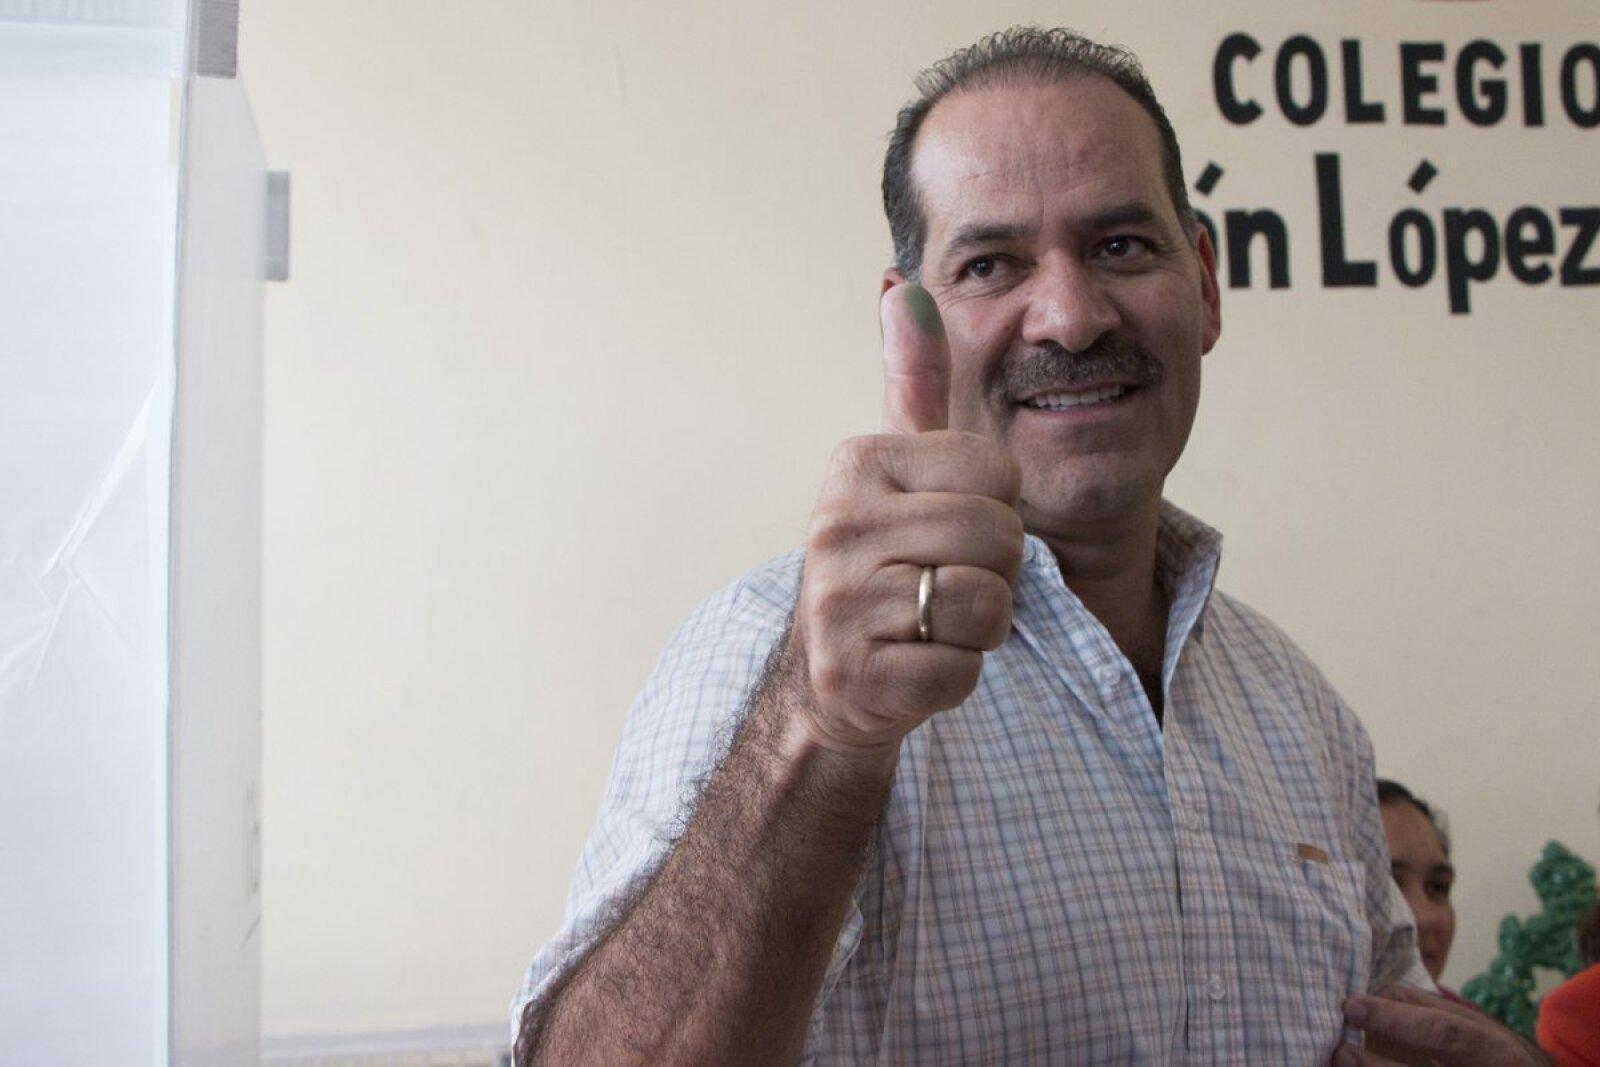 Martín Orozco Sandoval, candidato panista a la gubernatura de Aguascalientes, votó en la capital del estado y dijo estar confiado de ganar la elección y se negó a responder si impugnará en caso de que los resultados no le favorezcan.